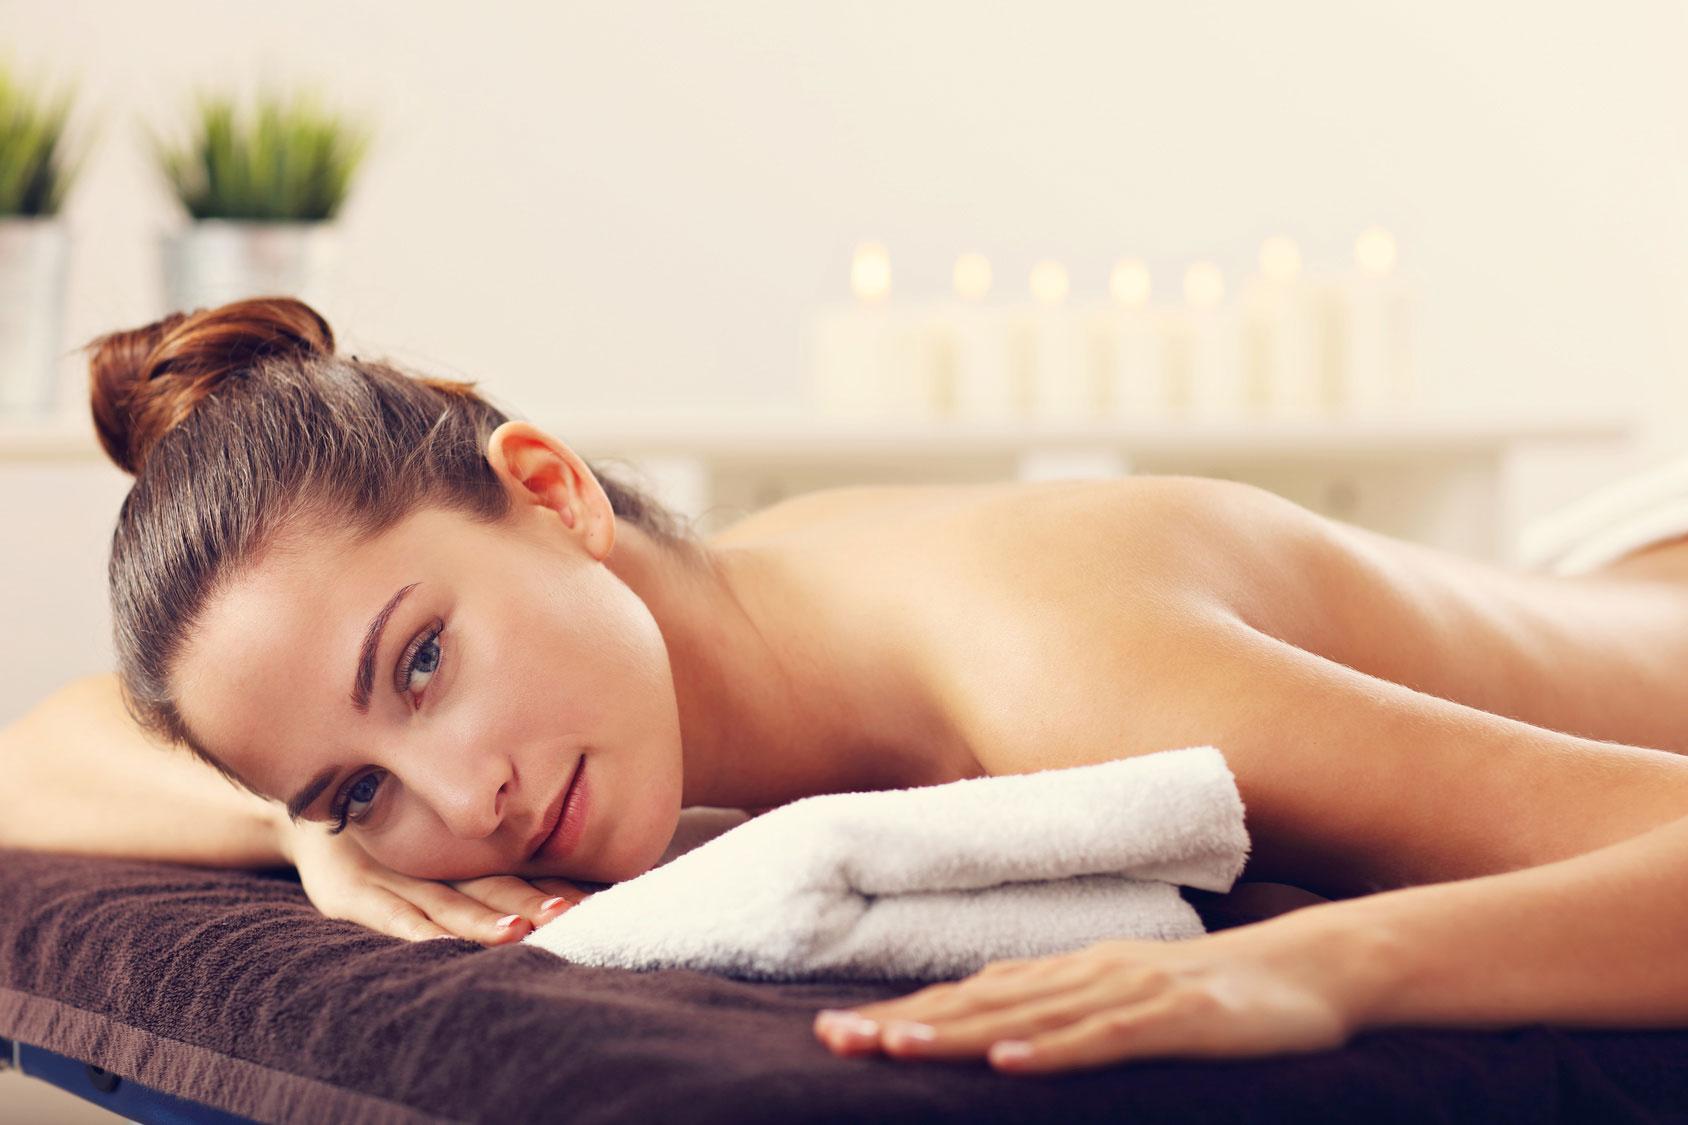 Foto a color de una mujer preparada para recibir un masaje relajante en Wellness Boutique Experience. esta tumbada